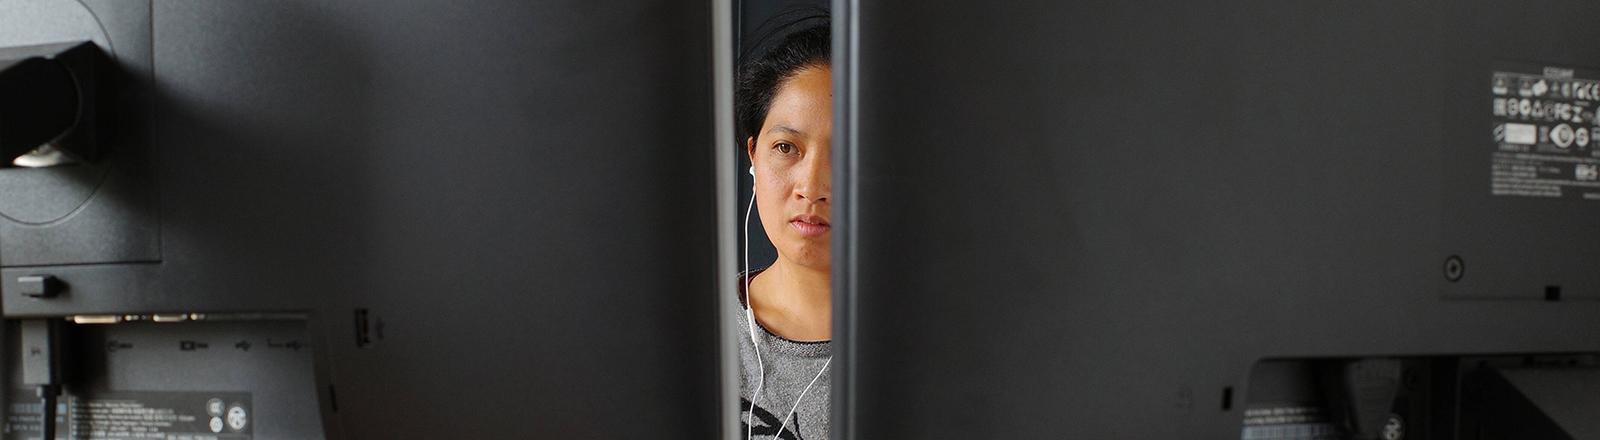 Eine Frau sitzt hinter zwei Computer-Bildschirmen.